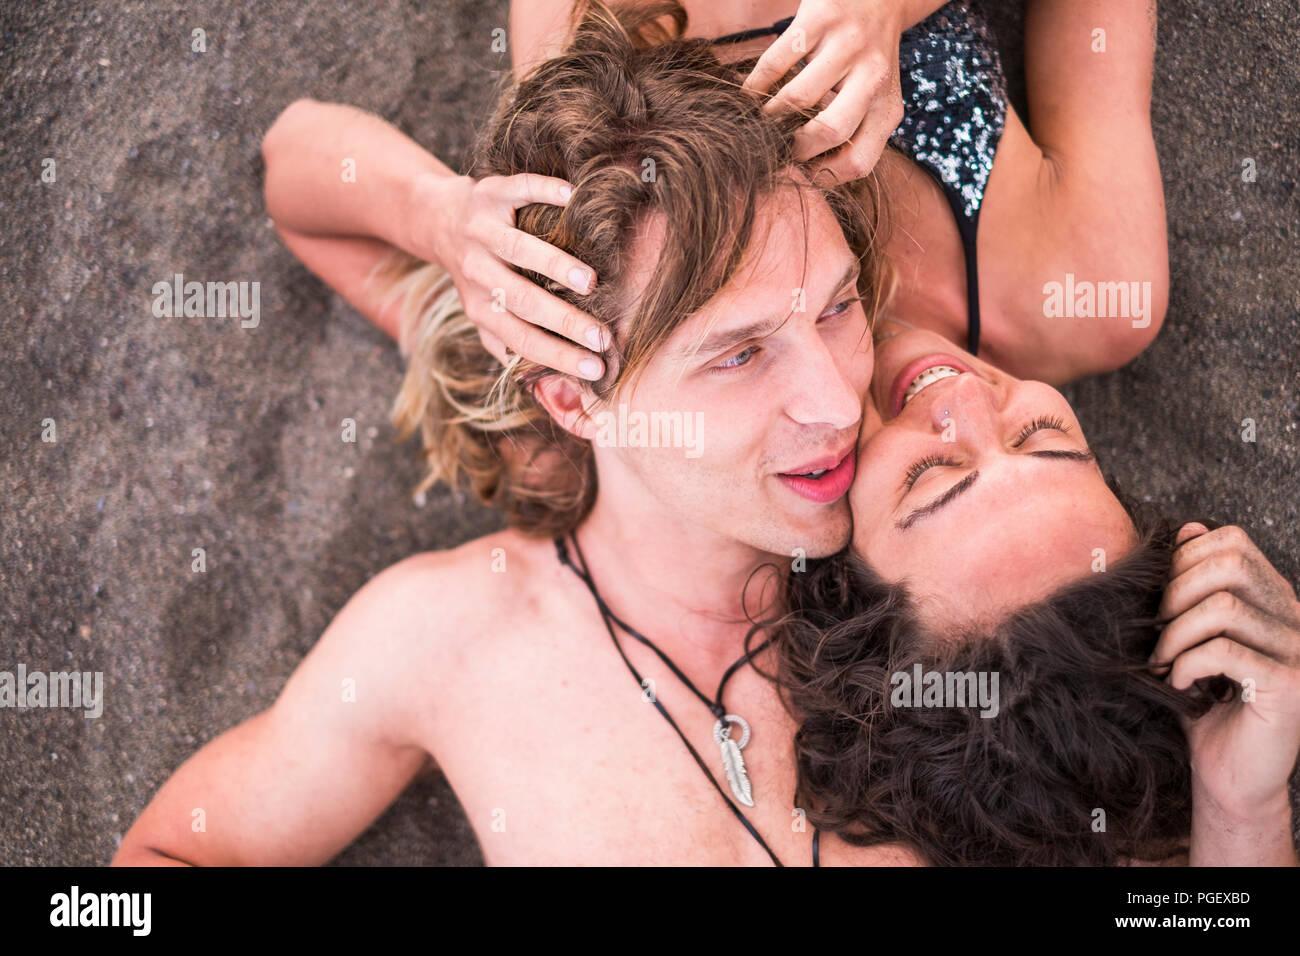 Coppia attraente di allegro persone reali stabilisce presso la spiaggia di tenerezza e amore. bikini e stile di estate le attività per il tempo libero per uomo e donna si Immagini Stock